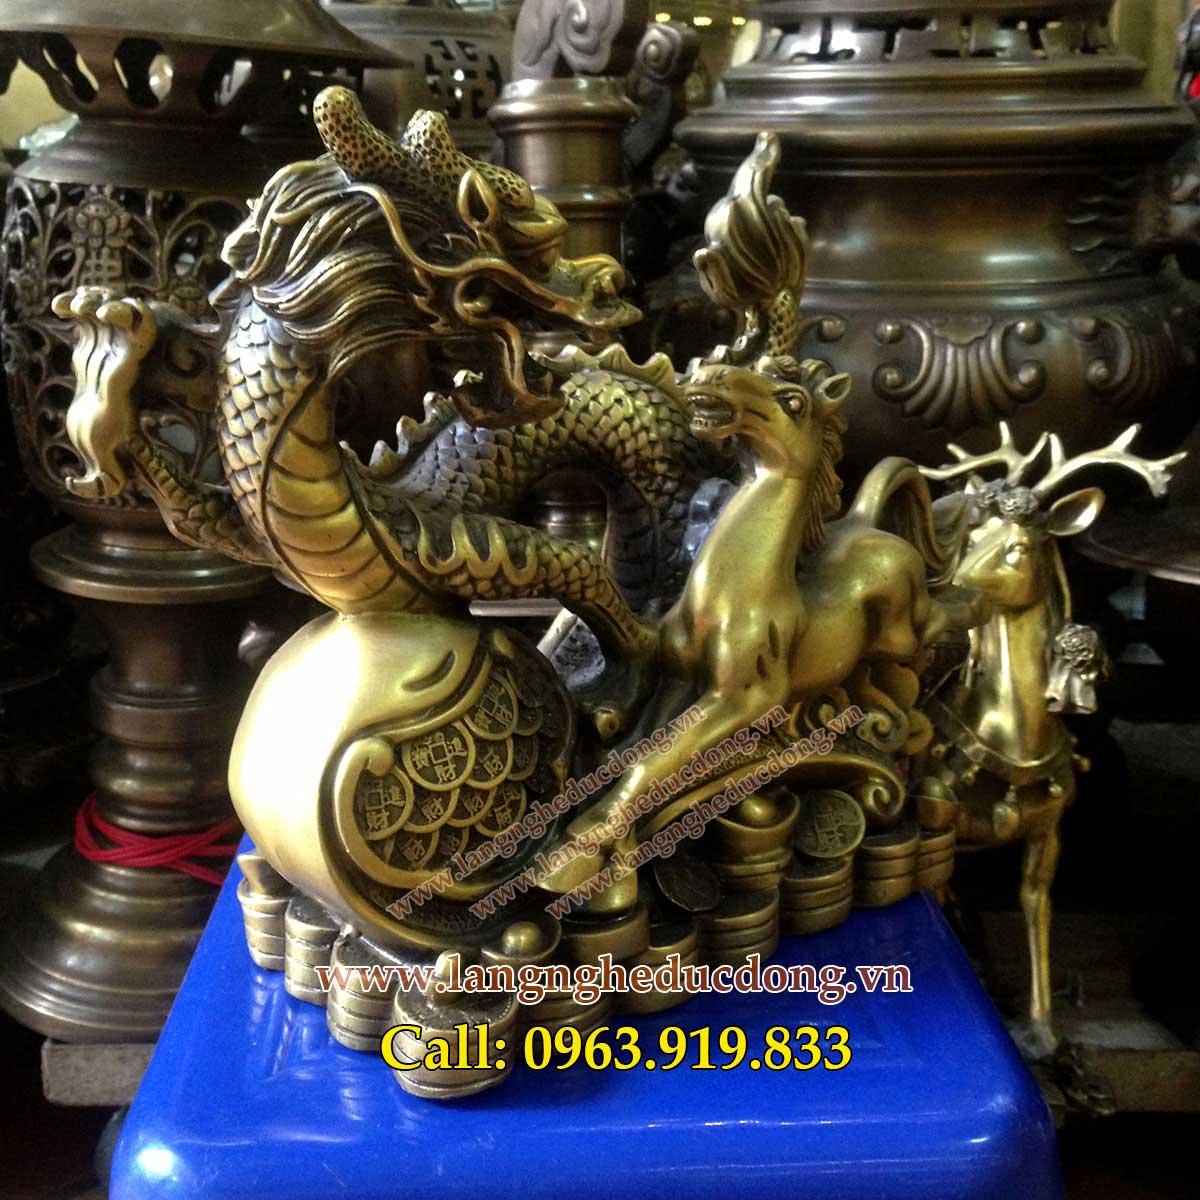 langngheducdong.vn - Cặp tượng rồng ngựa gậy như ý, tượng phong thủy, long mã bằng đồng